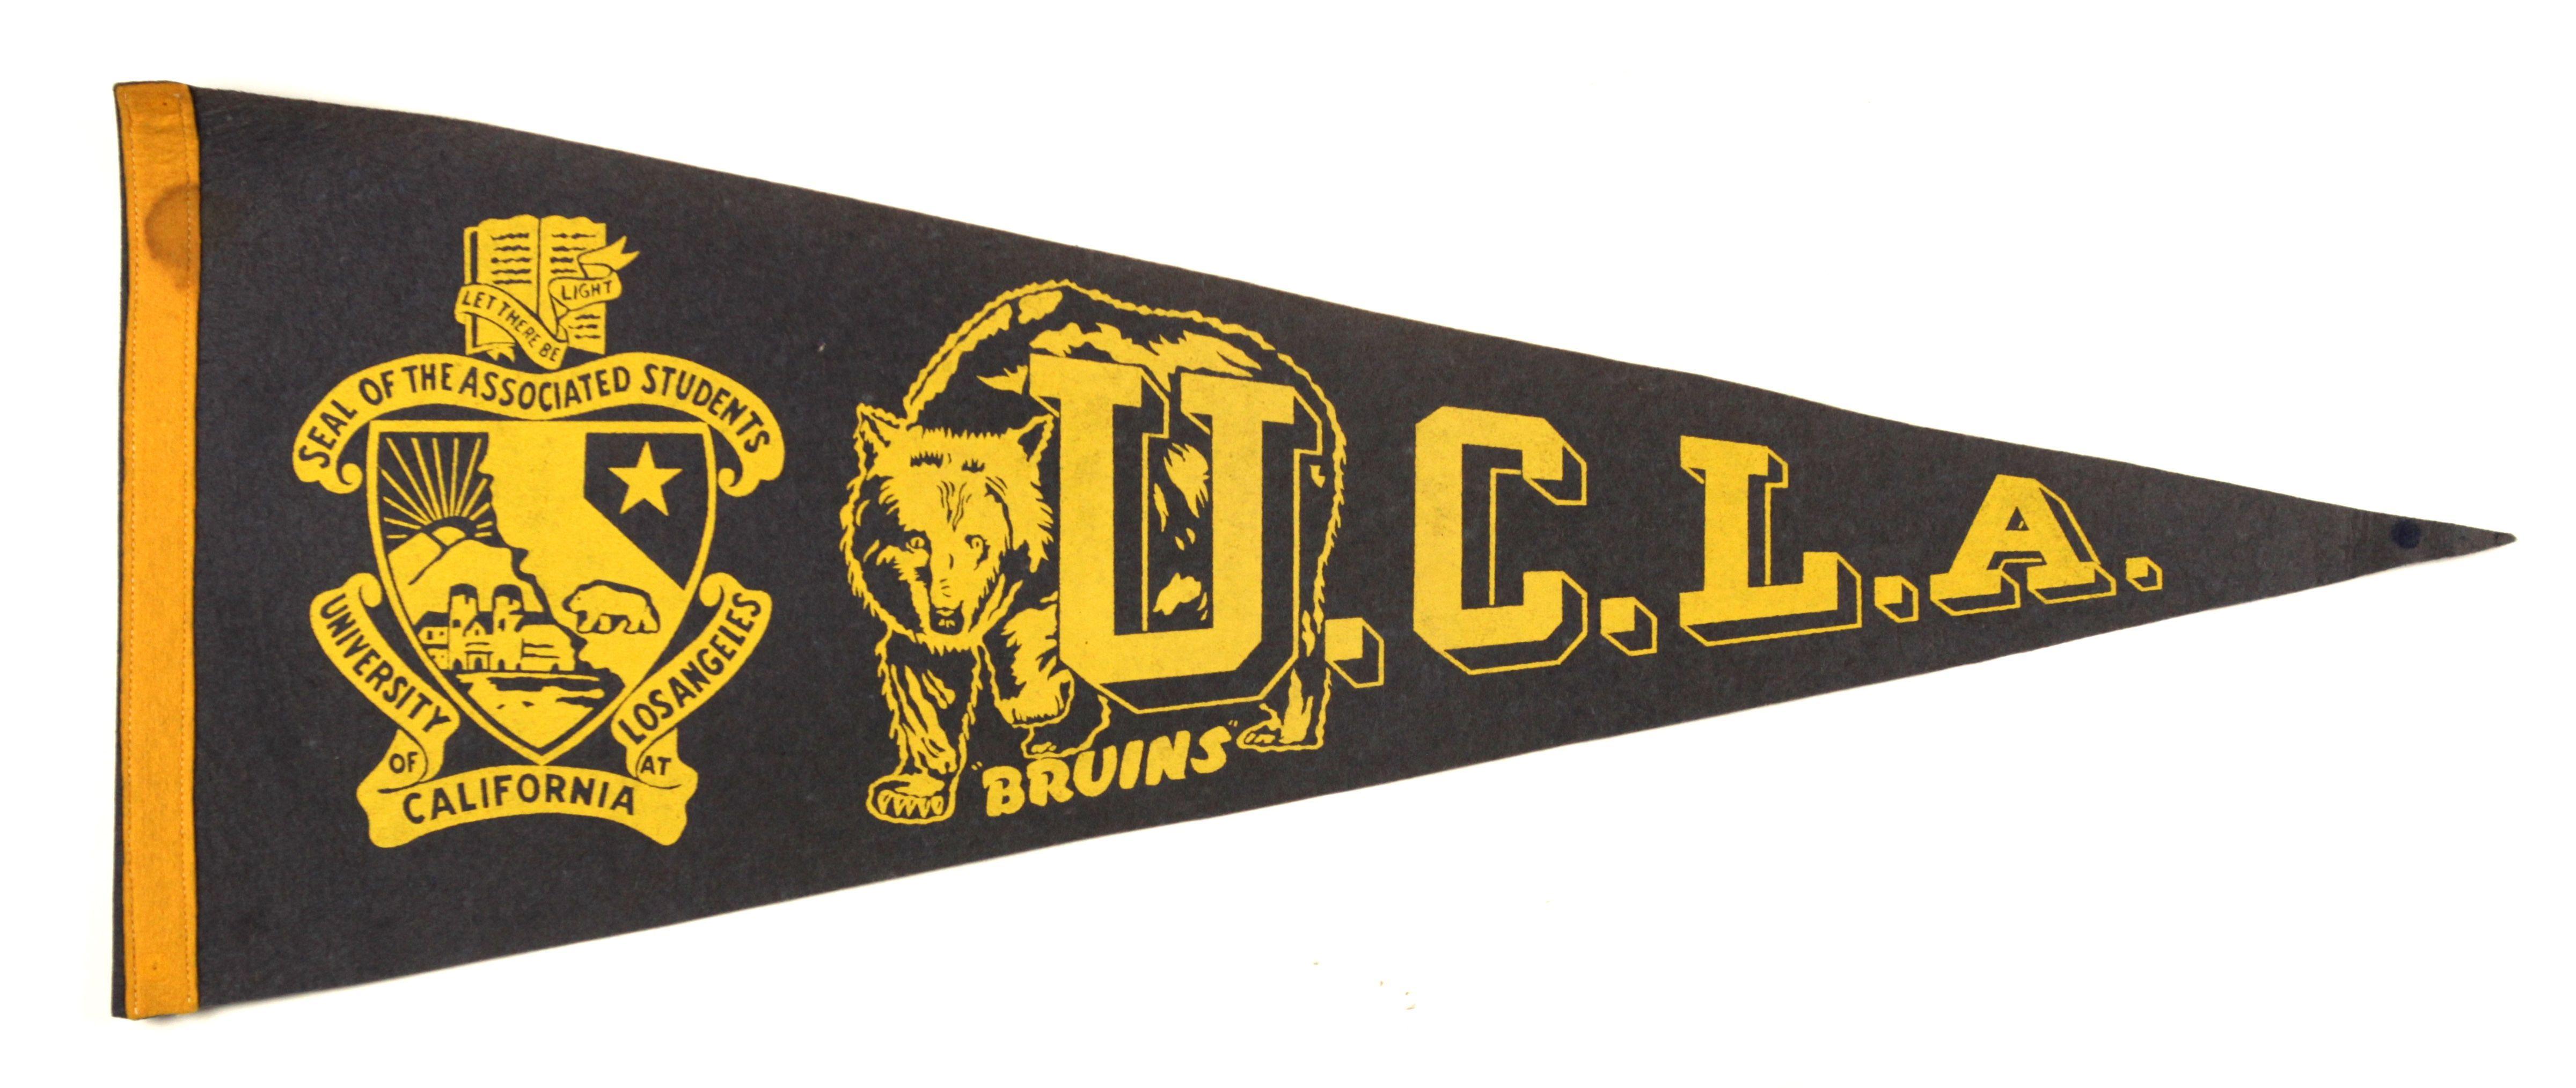 5ef3cc5bca6 UCLA pennant